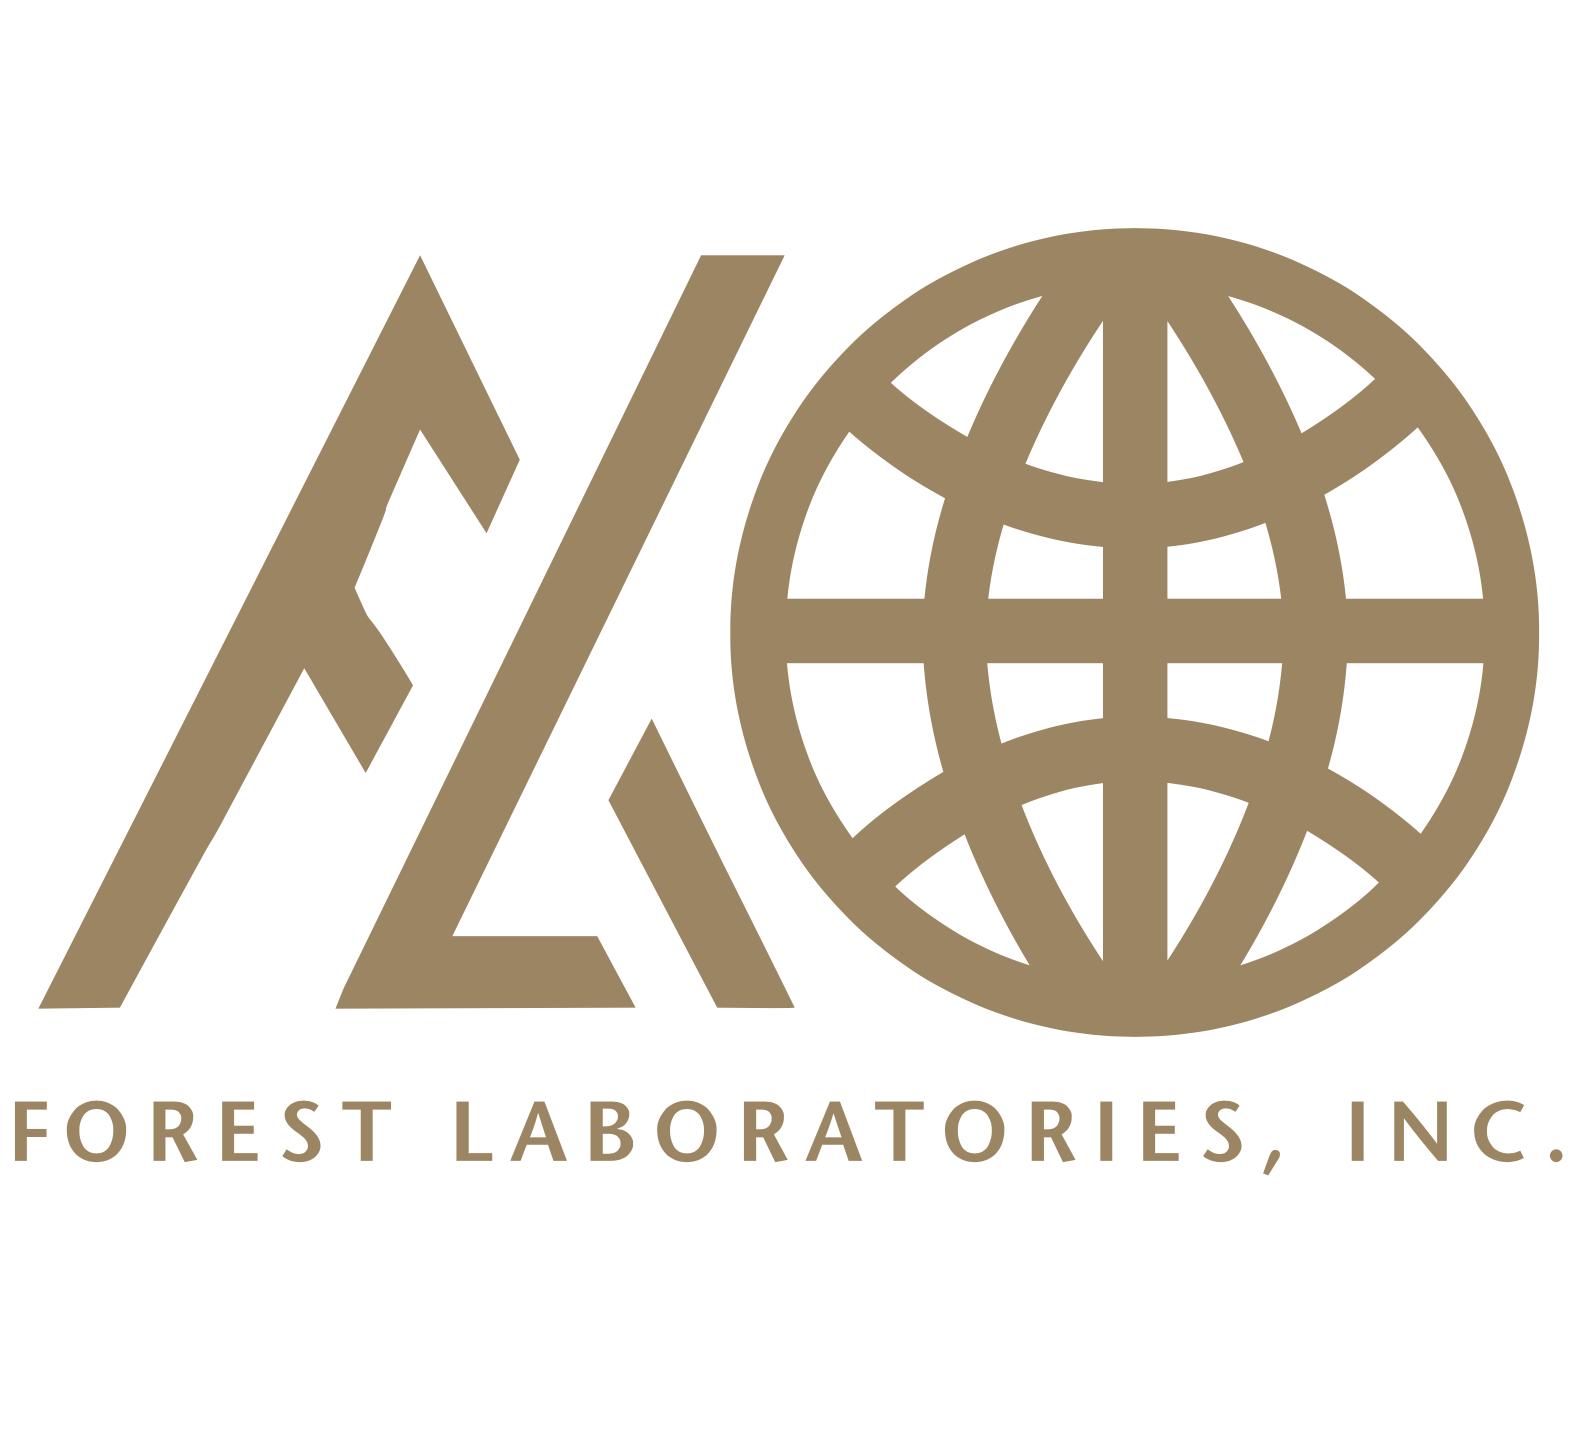 Forest Laboratories